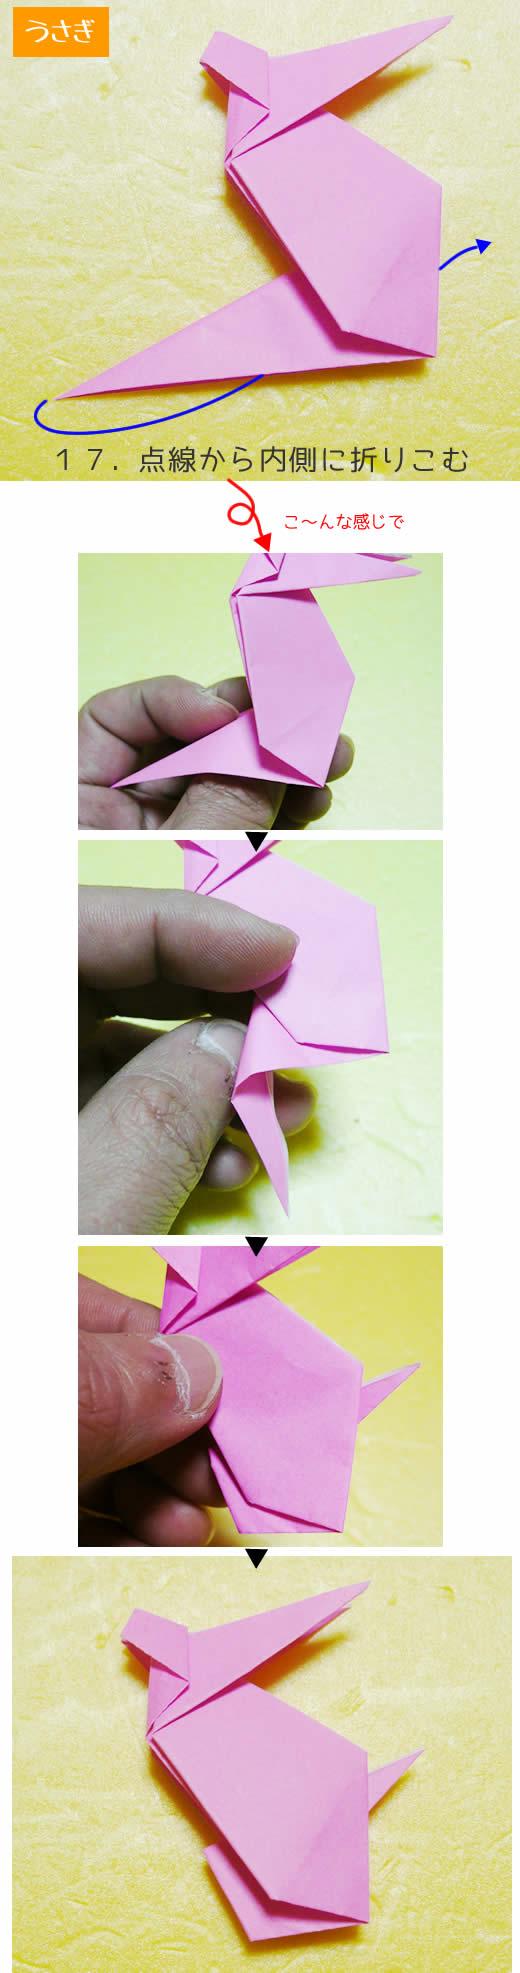 うさぎの折り方17